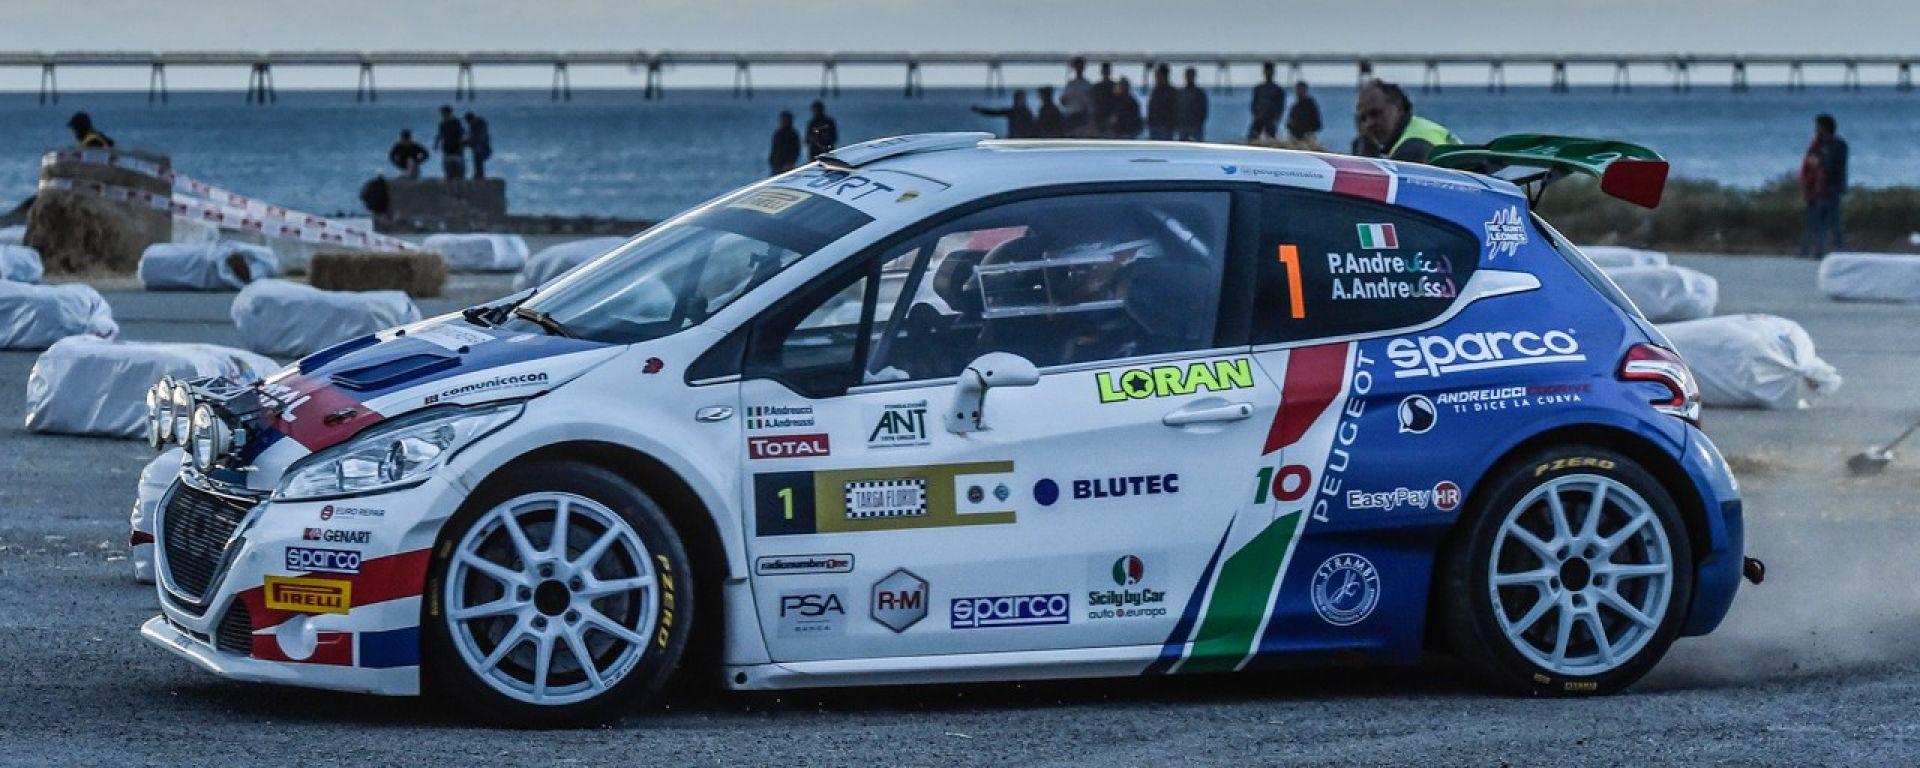 Andreucci e Peugeot dopo la Targa Florio 2018: ecco le dichiarazioni